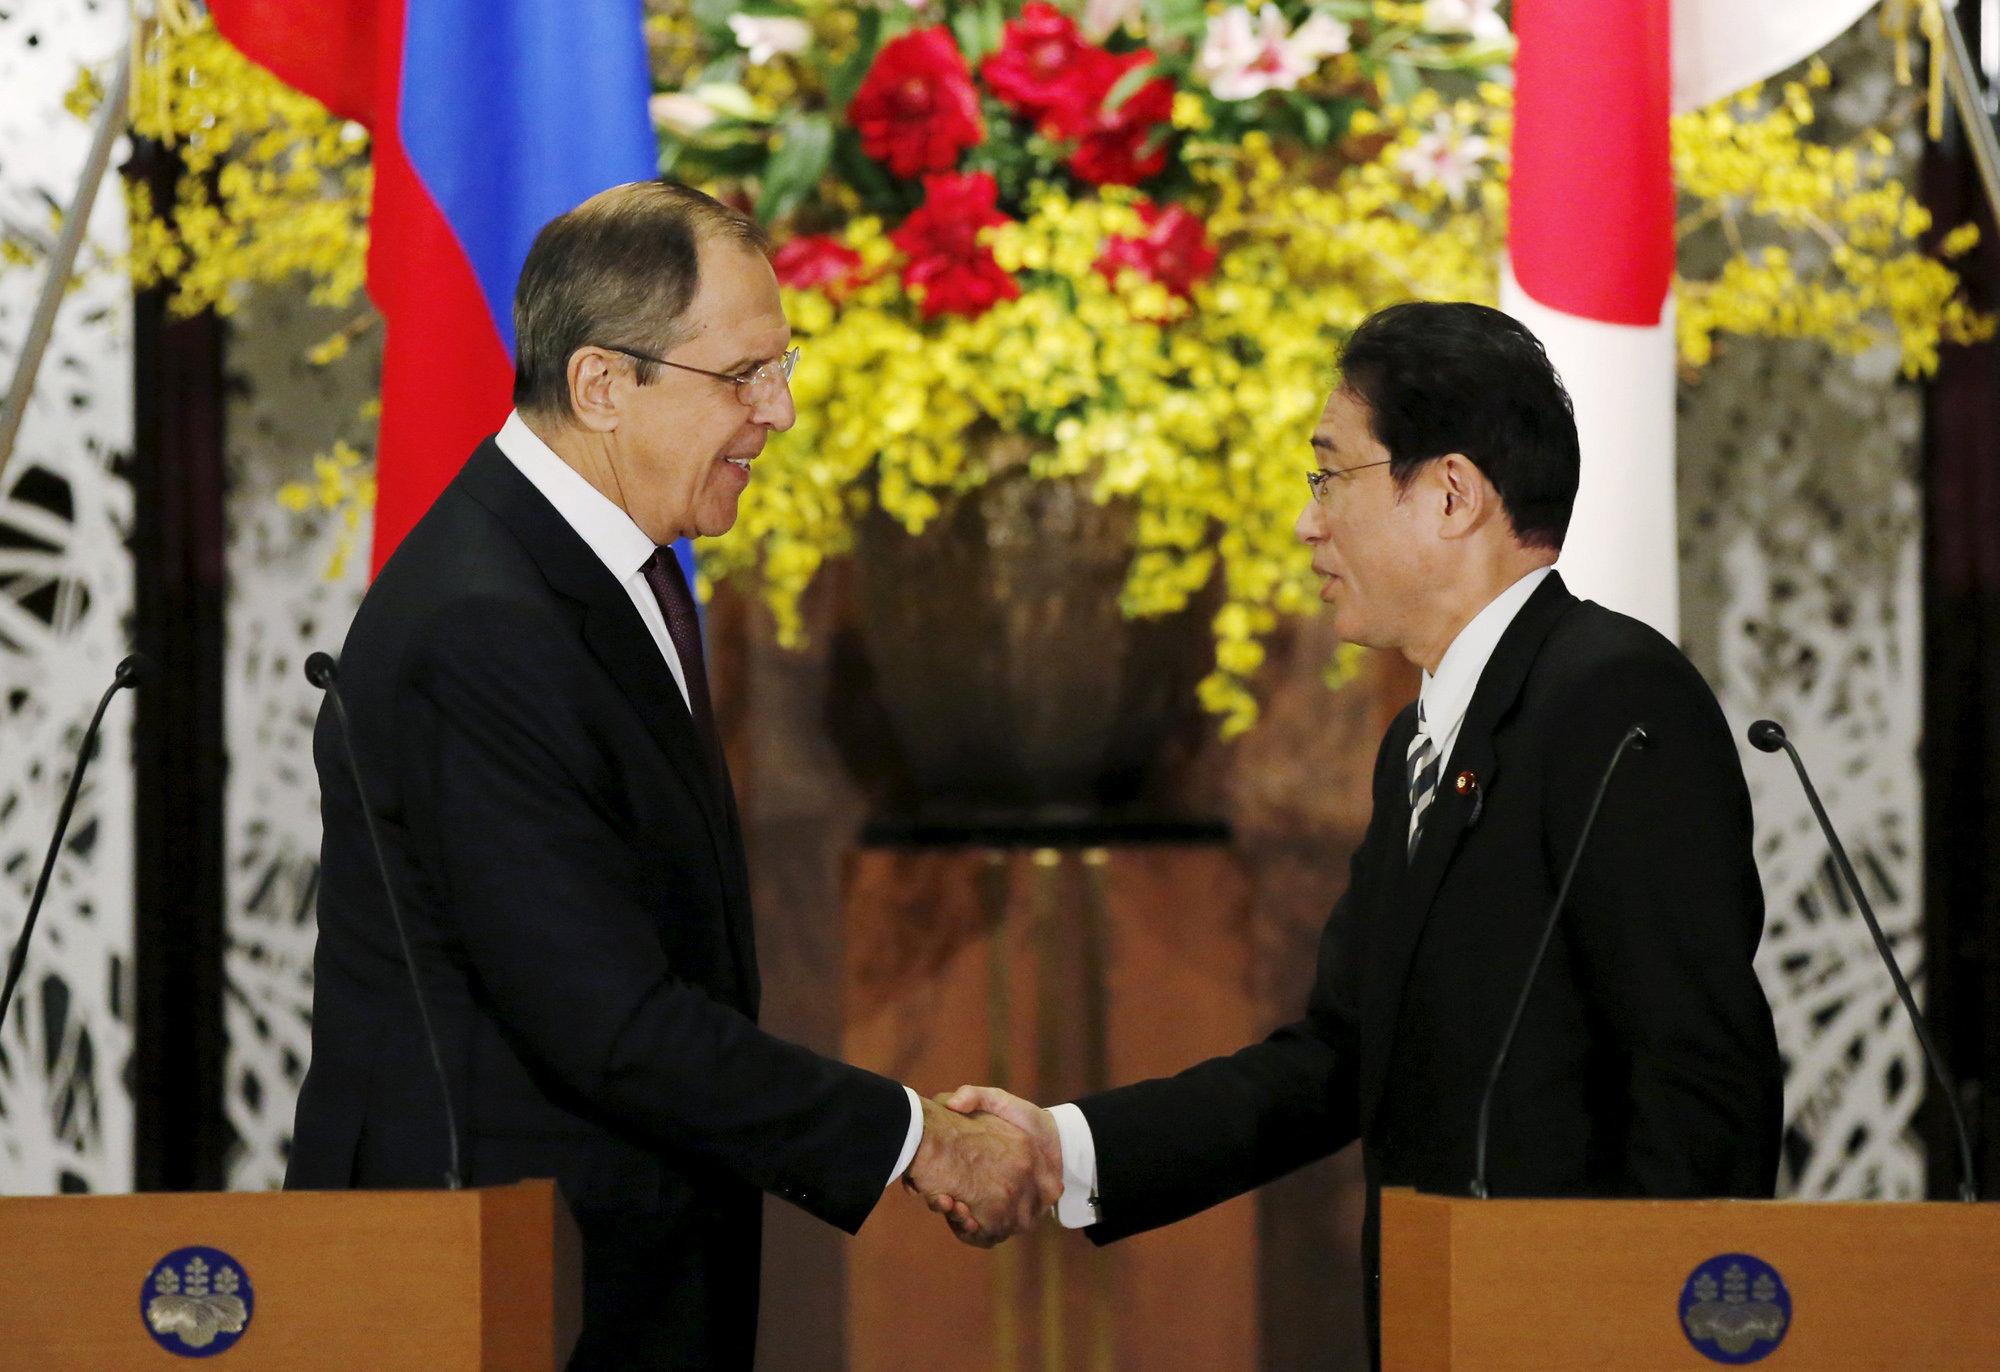 Дипломатия в отношении России: не суетиться и действовать дальновидно